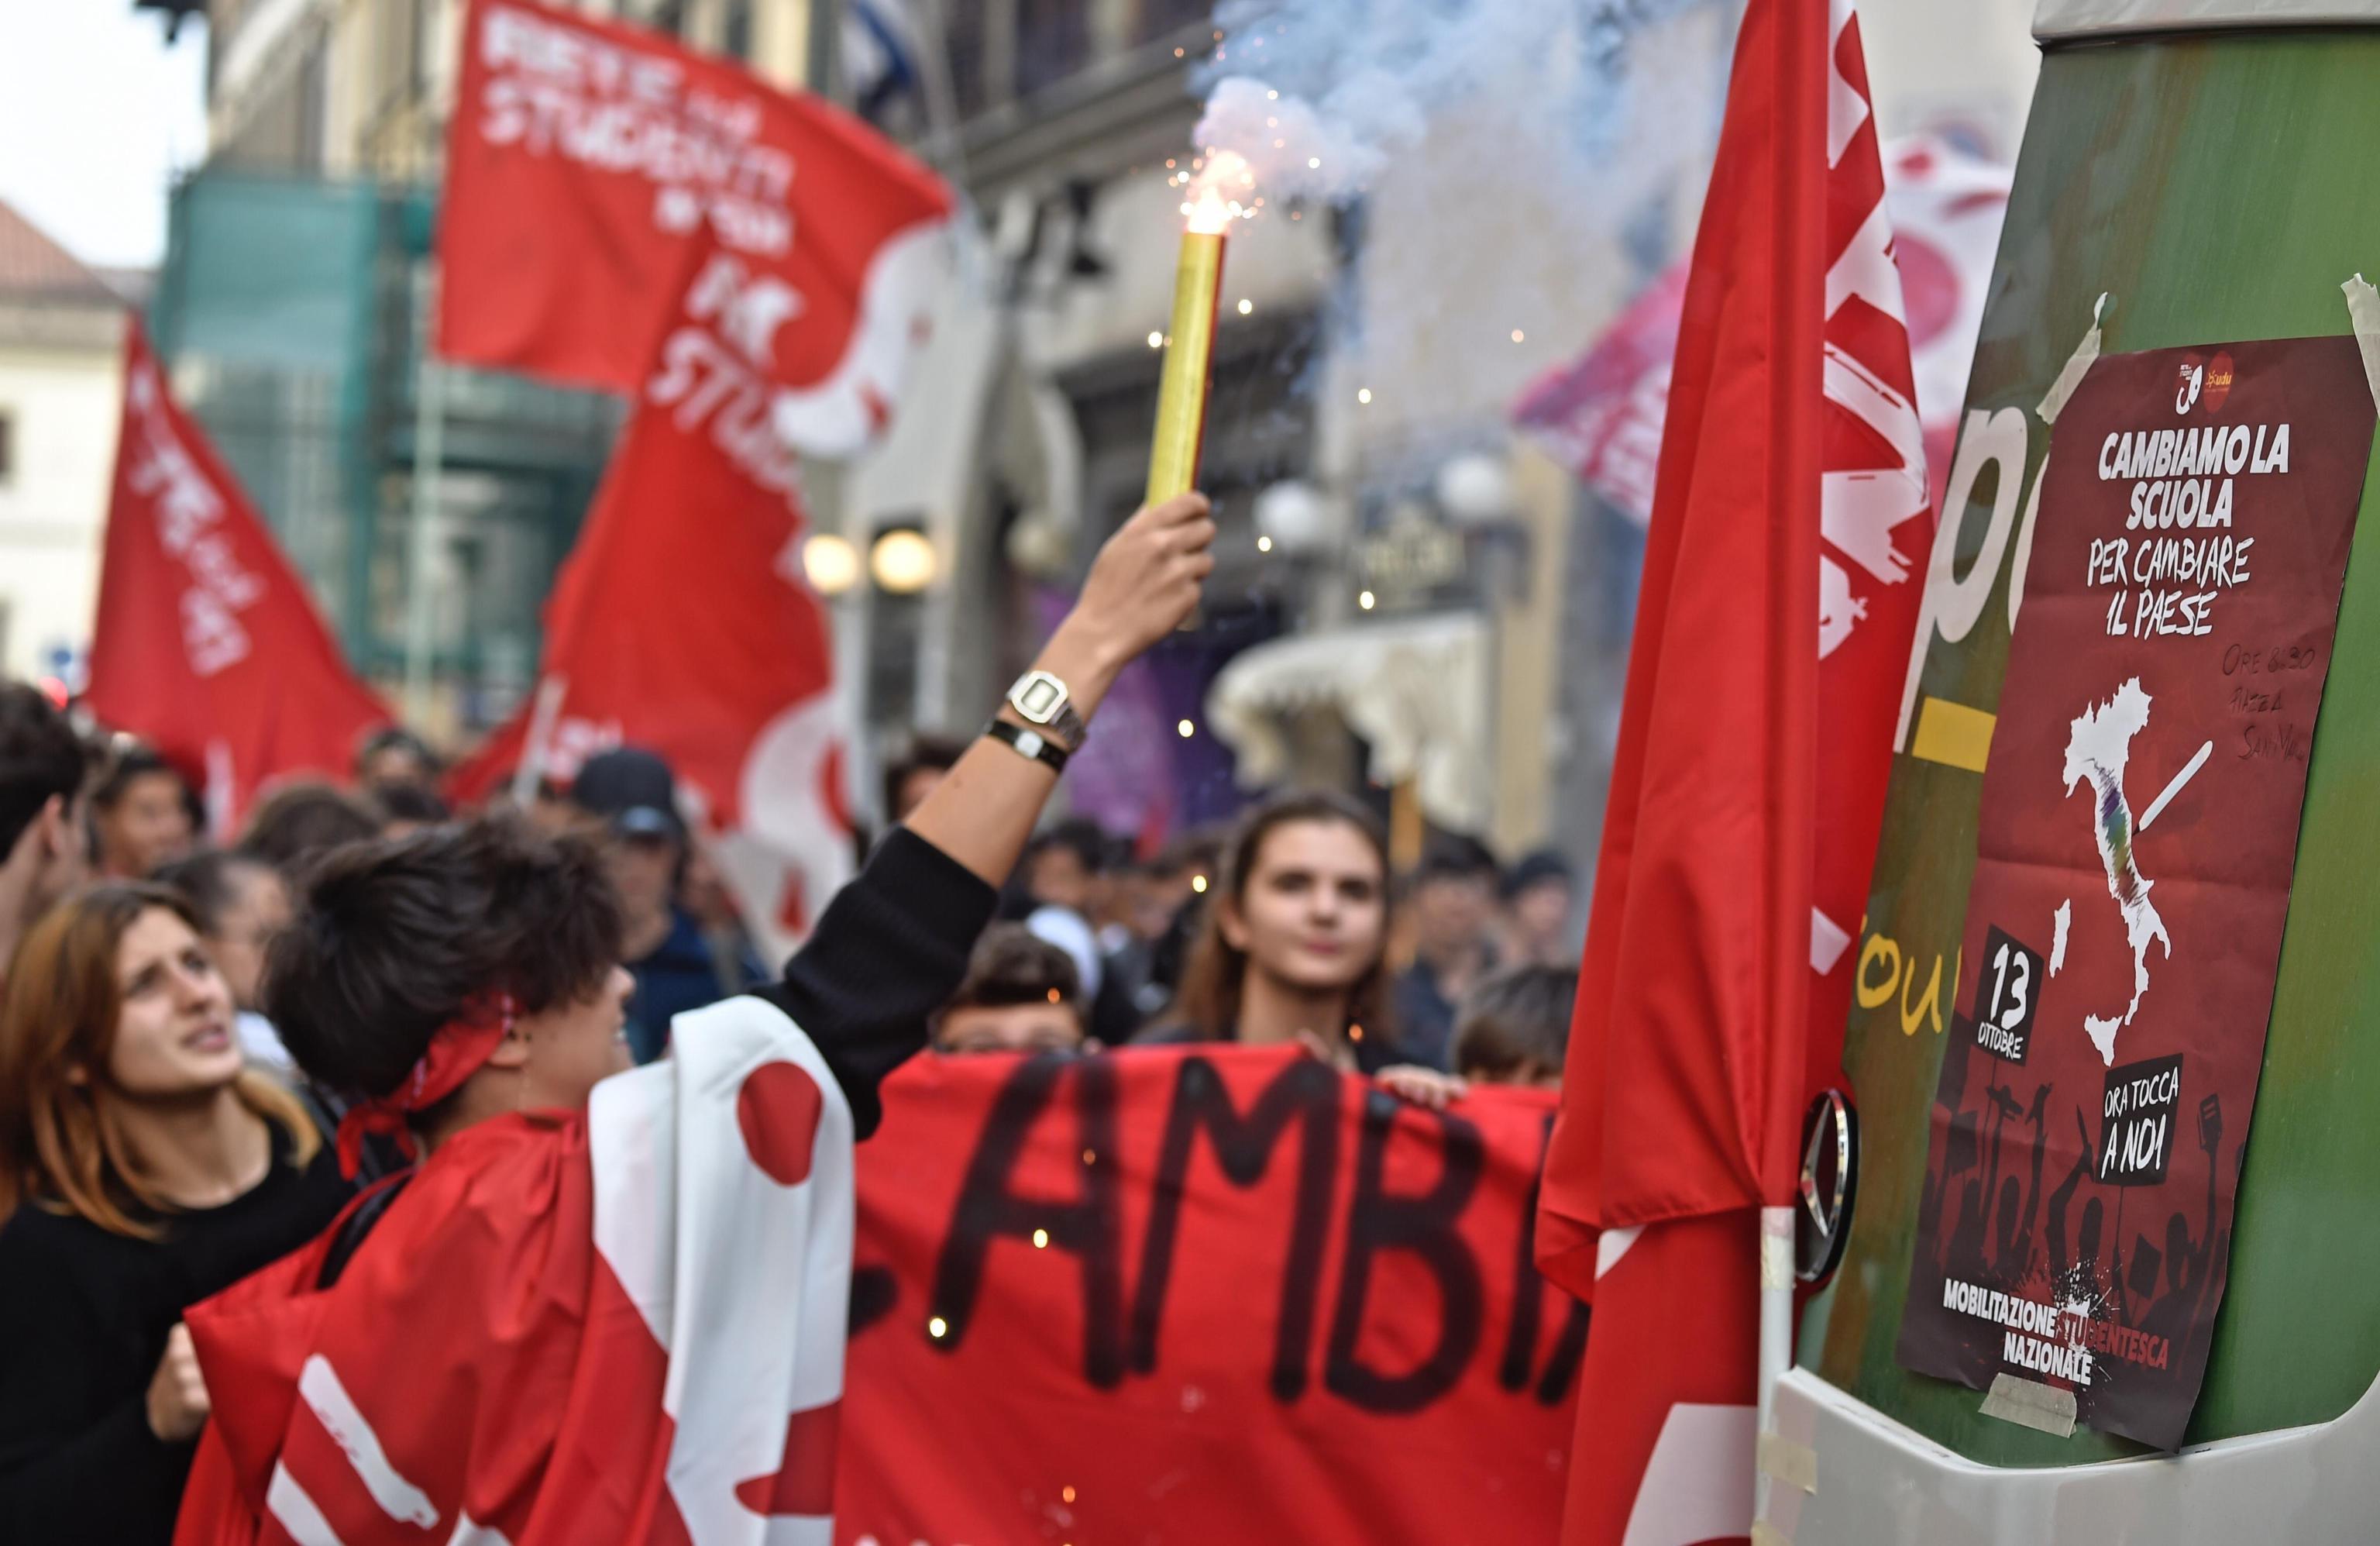 Alternanza scuola-lavoro, studenti in piazza 'contro lo sfruttamento'